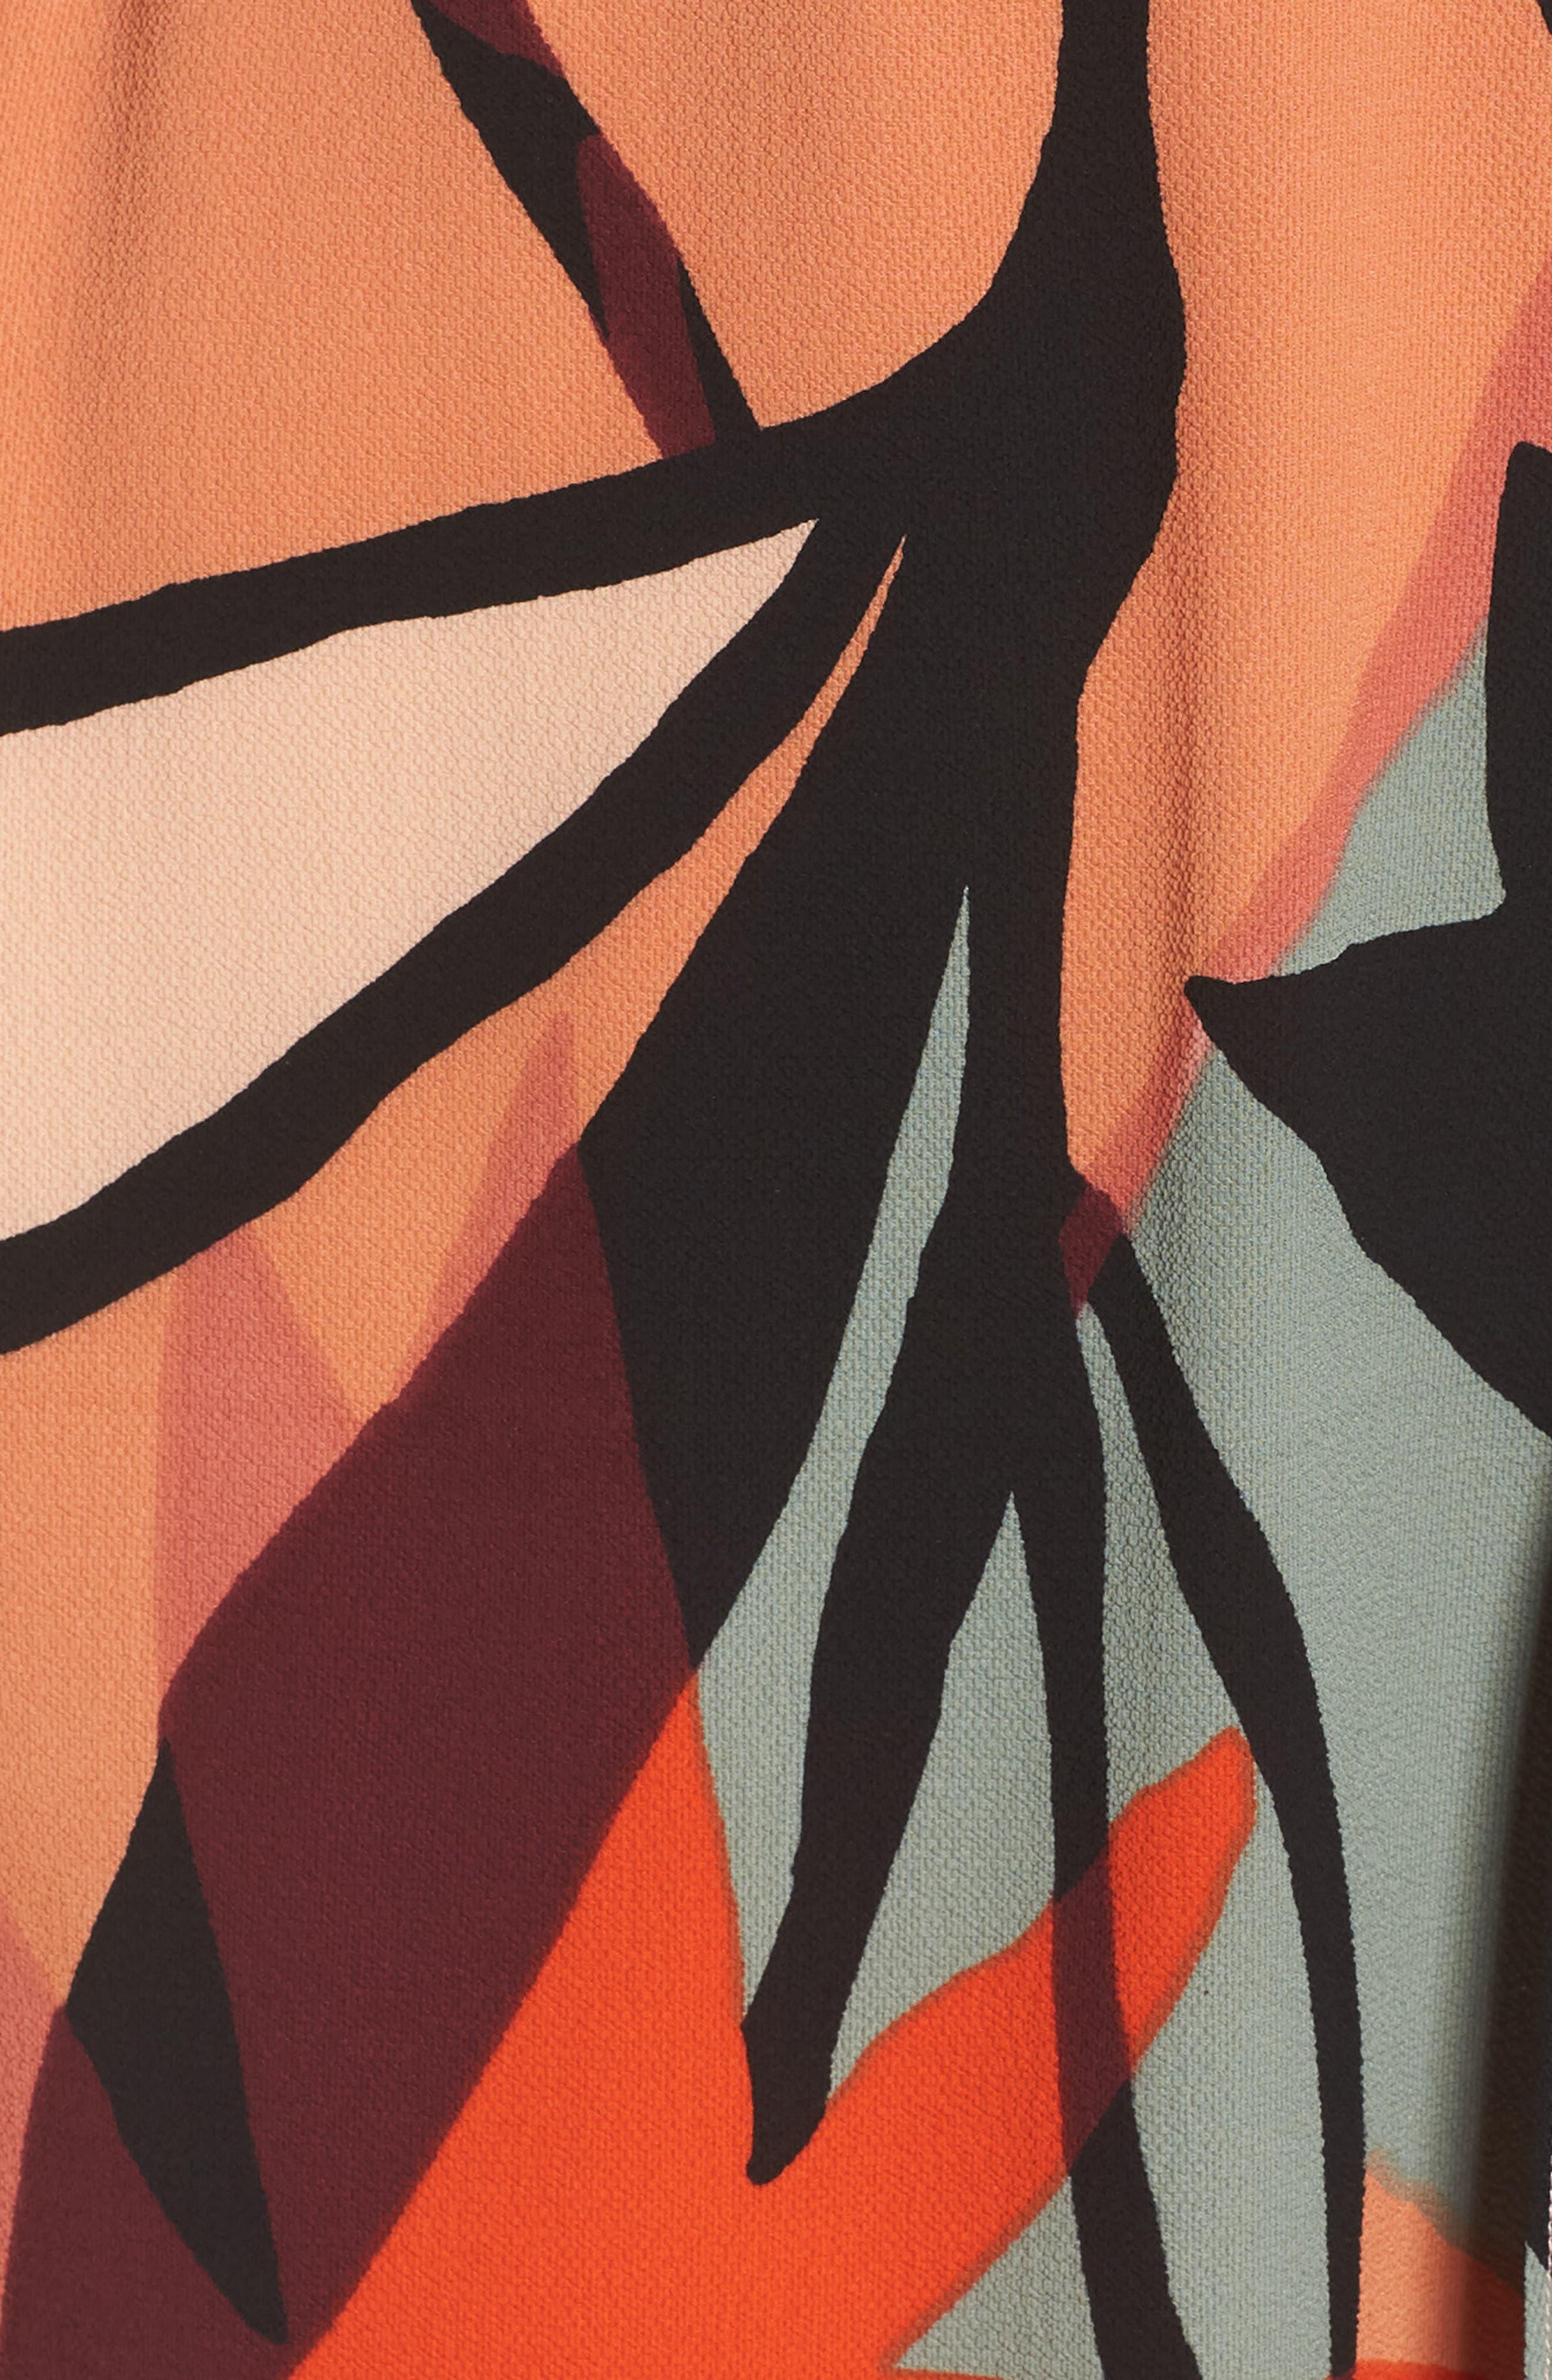 Off the Shoulder Bubble Crepe Dress,                             Alternate thumbnail 6, color,                             Peach / Black